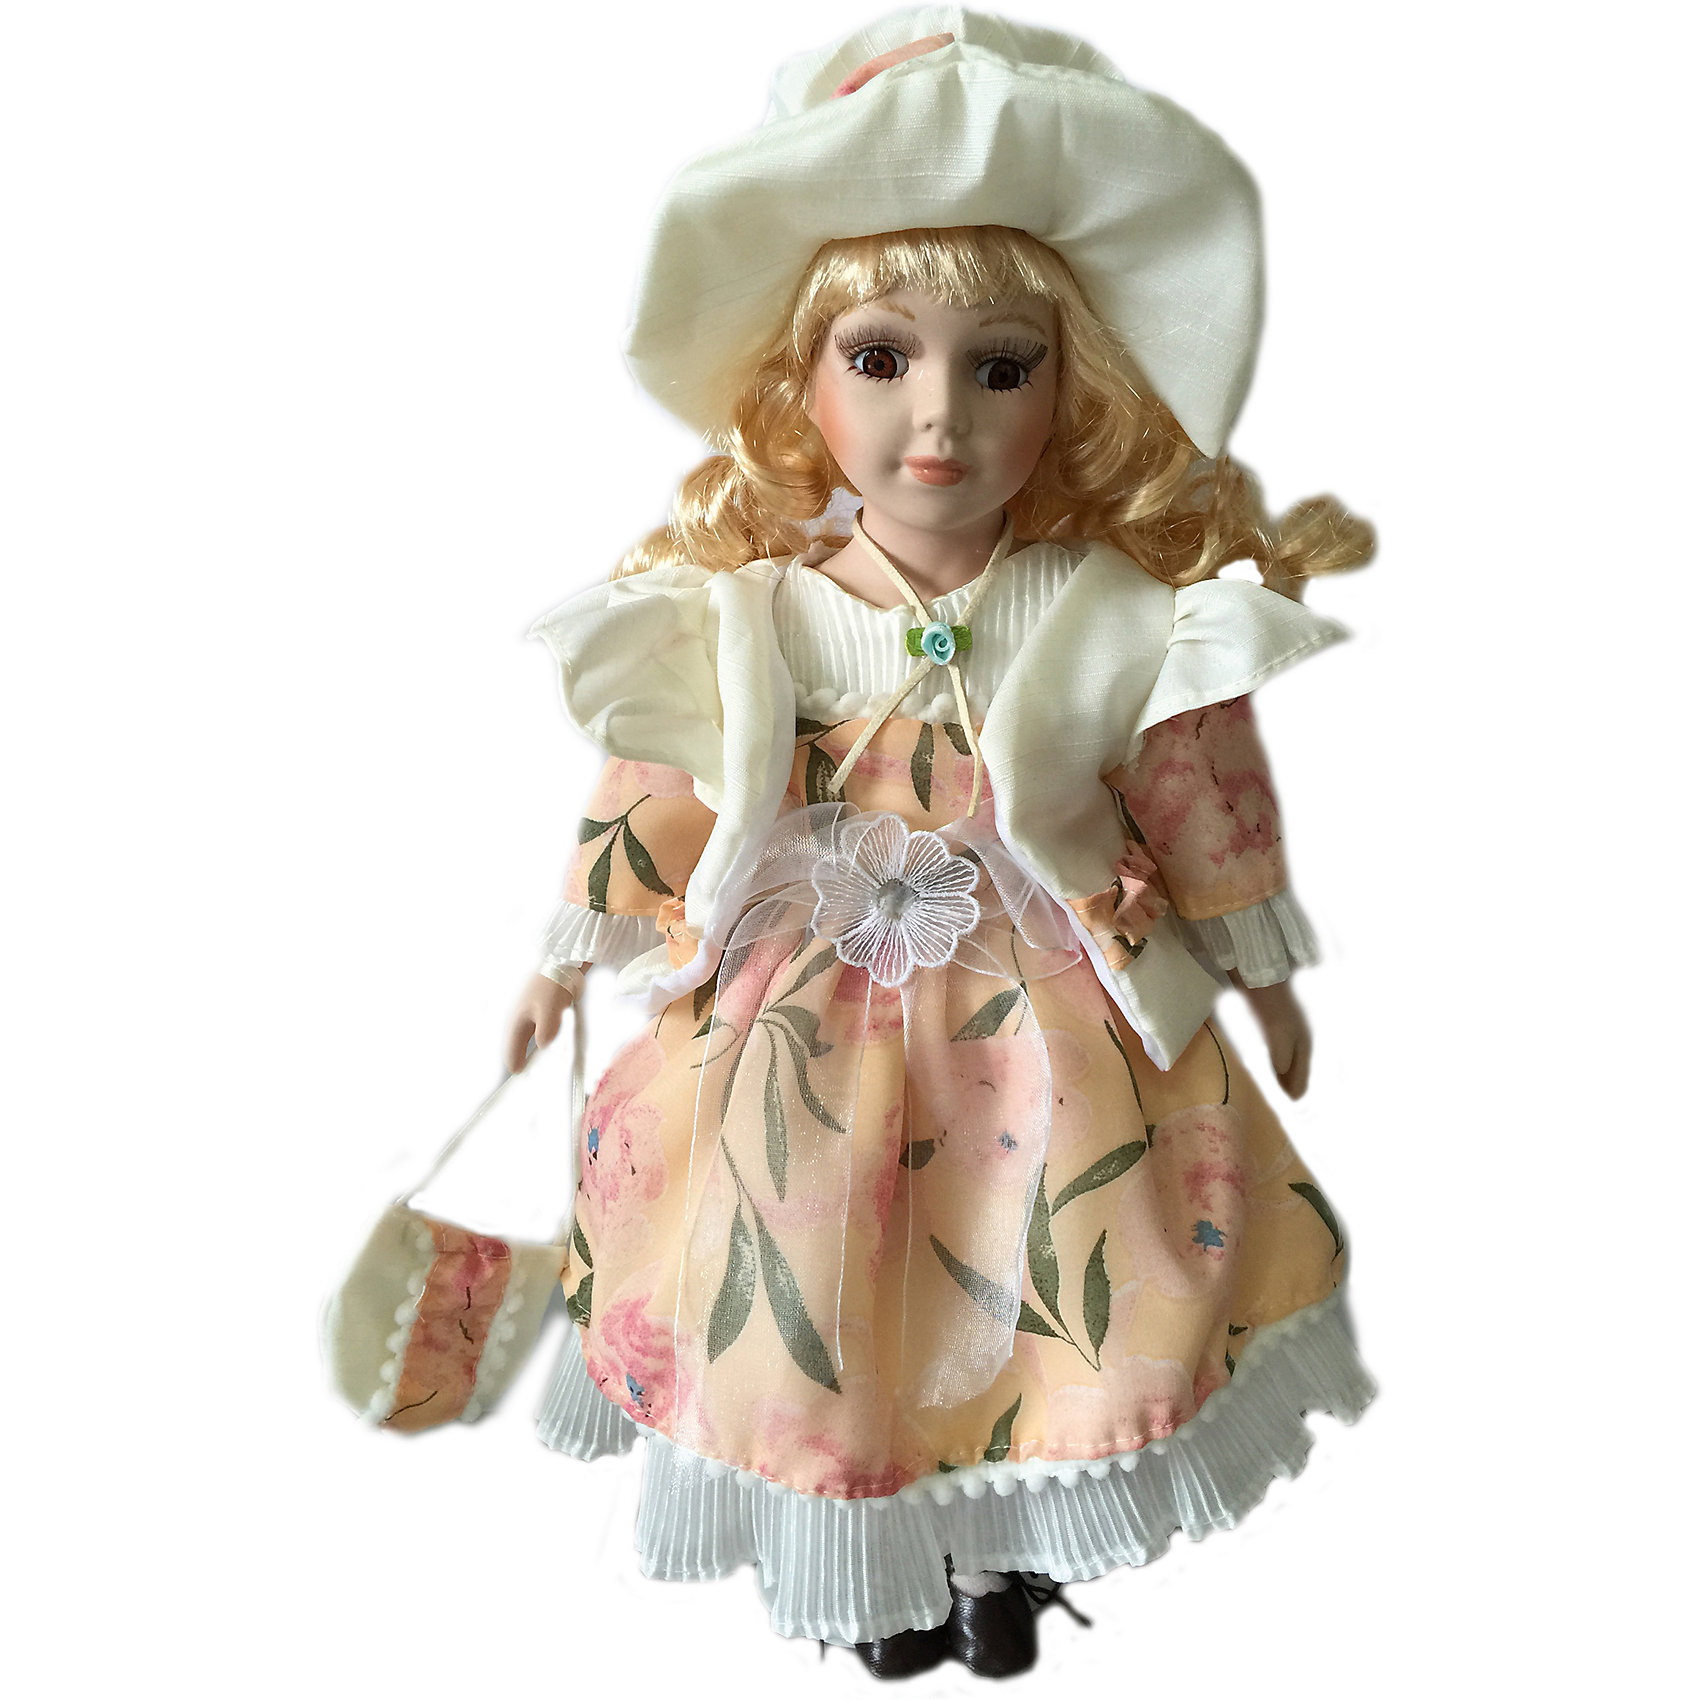 Фарфоровая кукла Эвелина, 40 см, Angel CollectionБренды кукол<br>Фарфоровая кукла Эвелина, 40 см, Angel Collection.<br><br>Характеристики:<br><br>• Высота куклы: 40 см.<br>• Материал: фарфор, текстиль<br>• Упаковка: картонная коробка блистерного типа<br><br>Фарфоровая кукла «Эвелина», Angel Collection изготовлена с большим вниманием к мелким деталям, благодаря этому она очень красива и привлекательна. У Эвелины большие глаза в обрамлении длинных ресничек, светлые волосы и ангельское кукольное личико. На кукле надето нежное платье персикового цвета, декорированное цветочным принтом. На ногах у Эвелины - туфельки, на голове - элегантная шляпа белого цвета, которая придает ей неповторимый шарм и грациозность. Кукла установлена на специальную подставку. <br><br>Фарфоровая красавица Эвелина - это не просто игрушка, а также украшение для интерьера или ценный экспонат коллекции. Каждая кукла в серии Angel Collection, обладает неповторимым образом - принцессы, феи, маленькие девочки, роскошные невесты и т.д. Изысканные наряды и очаровательная матовость фарфора превращают этих кукол в настоящее произведение искусства. Куклы Angel Collection сделаны из уникальной голубой глины, добываемой только в провинции Tai-Nan Shin, Тайвань.<br><br>Фарфоровую куклу Эвелина, 40 см, Angel Collection можно купить в нашем интернет-магазине.<br><br>Ширина мм: 160<br>Глубина мм: 420<br>Высота мм: 95<br>Вес г: 833<br>Возраст от месяцев: 36<br>Возраст до месяцев: 2147483647<br>Пол: Женский<br>Возраст: Детский<br>SKU: 5400288